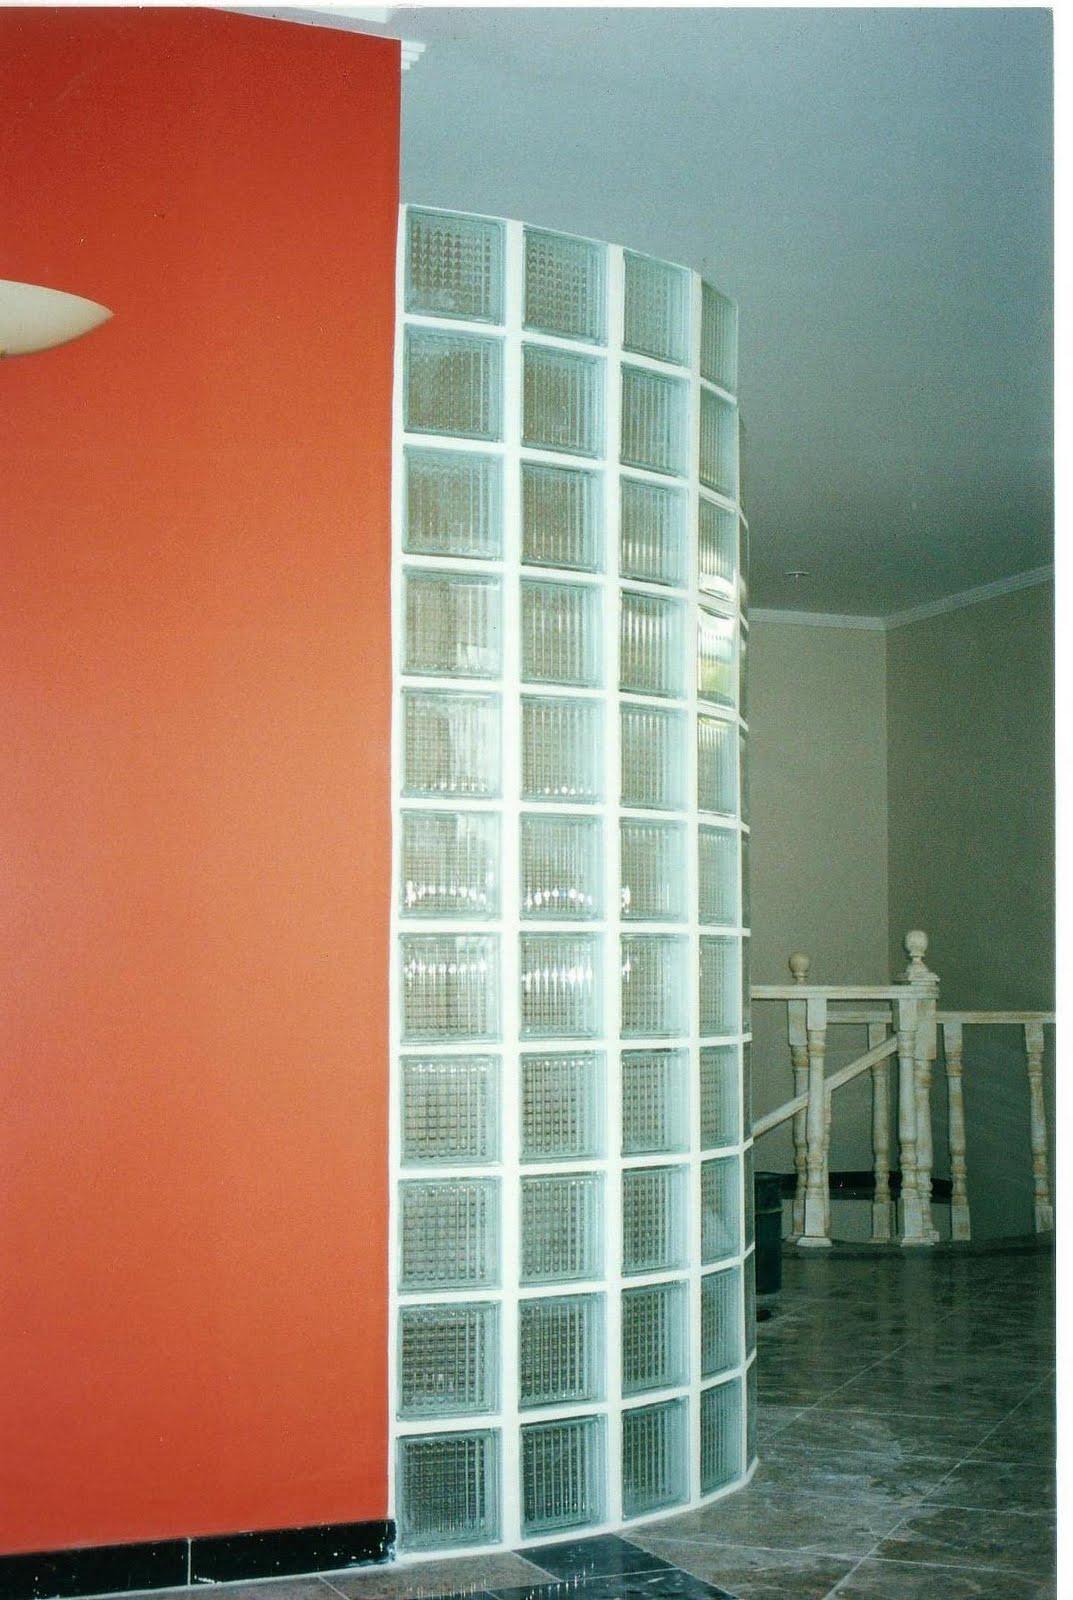 Estúdio Via Interiores: Soluções / tijolo de vidro #A43D27 1073 1600